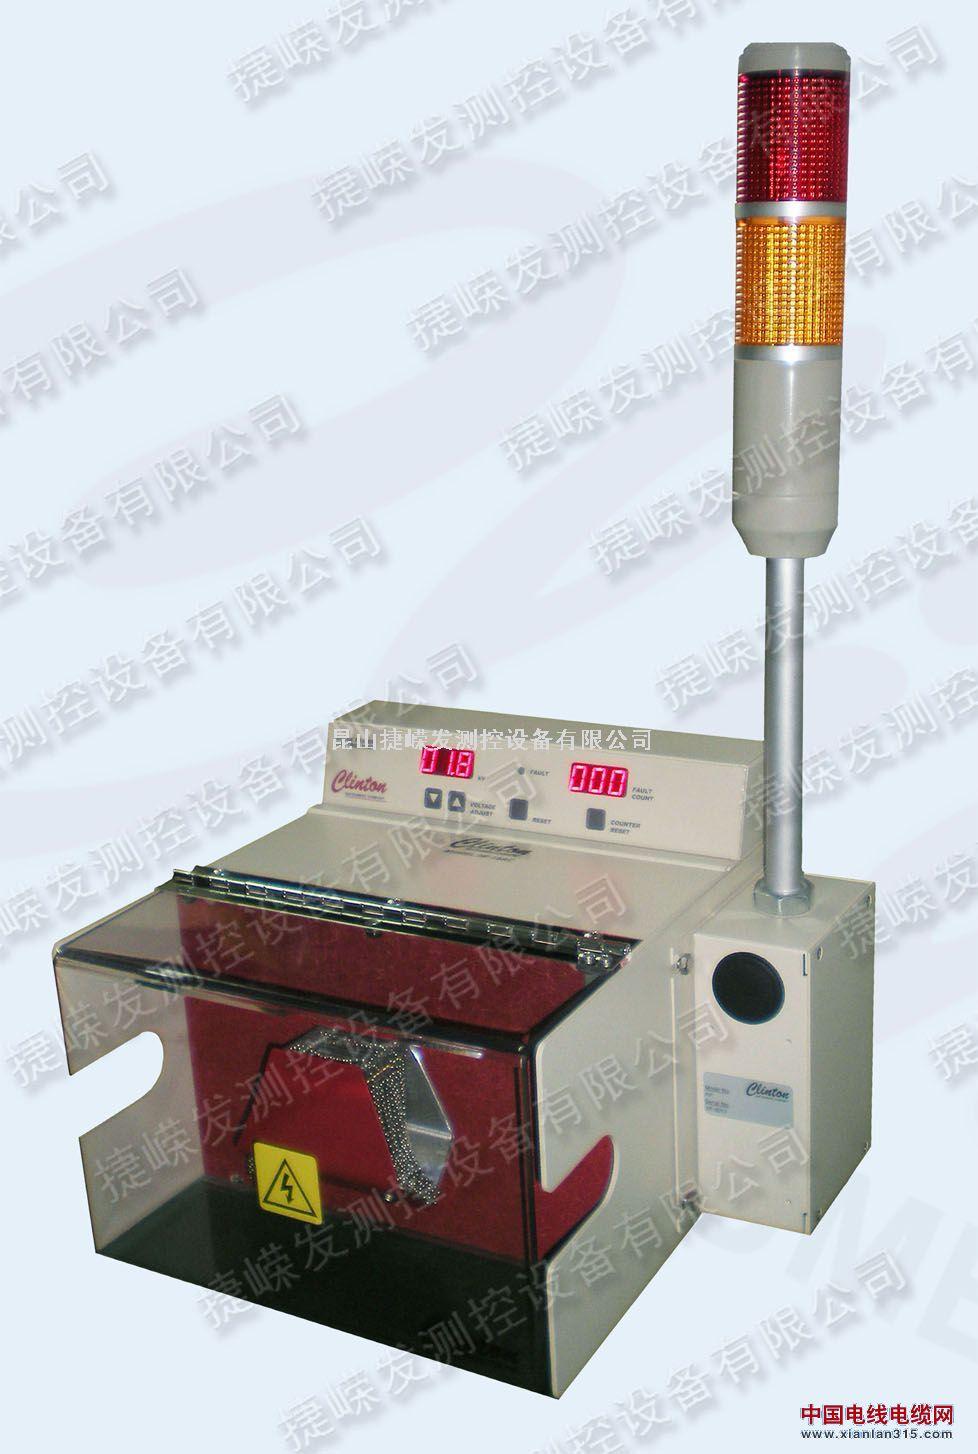 高频火花试验机产品图片展示